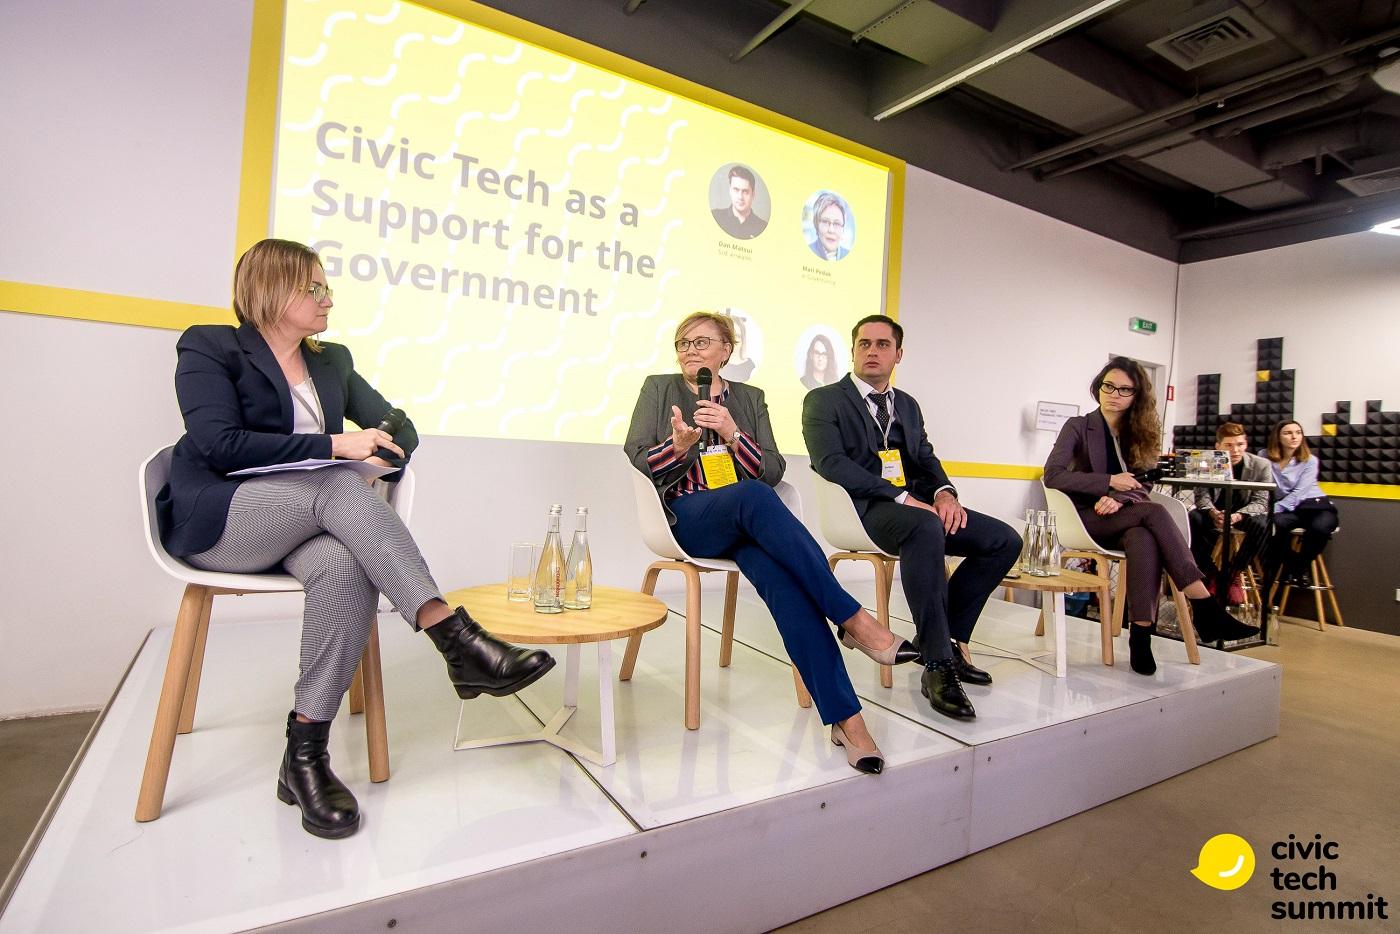 Як електронні сервіси допомагають владі та громадянам — кейси з Civic Tech Summit